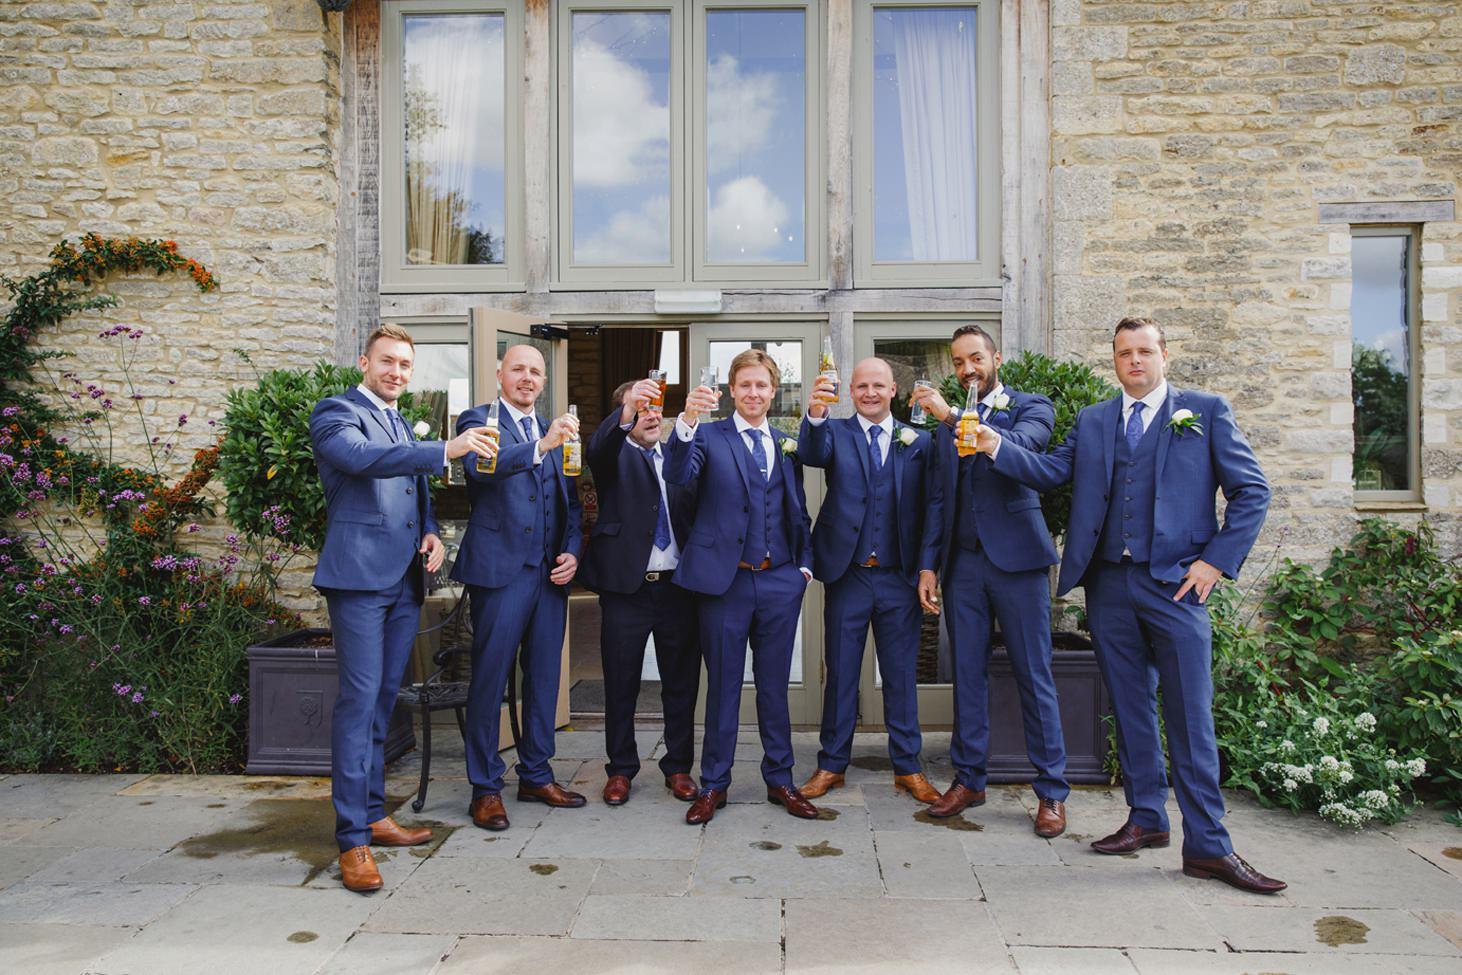 Caswell House wedding photography groomsmen